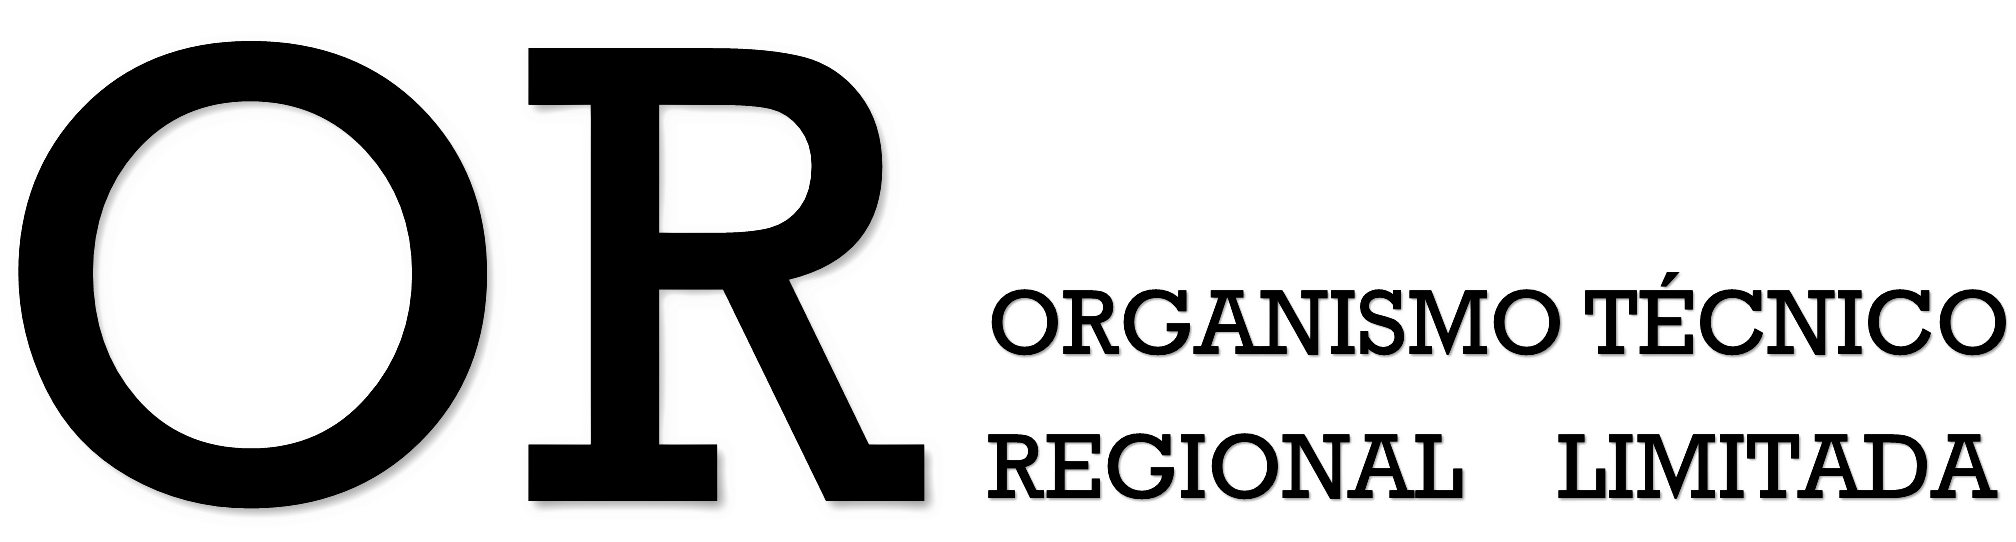 Consultora Otec Regional Limitada